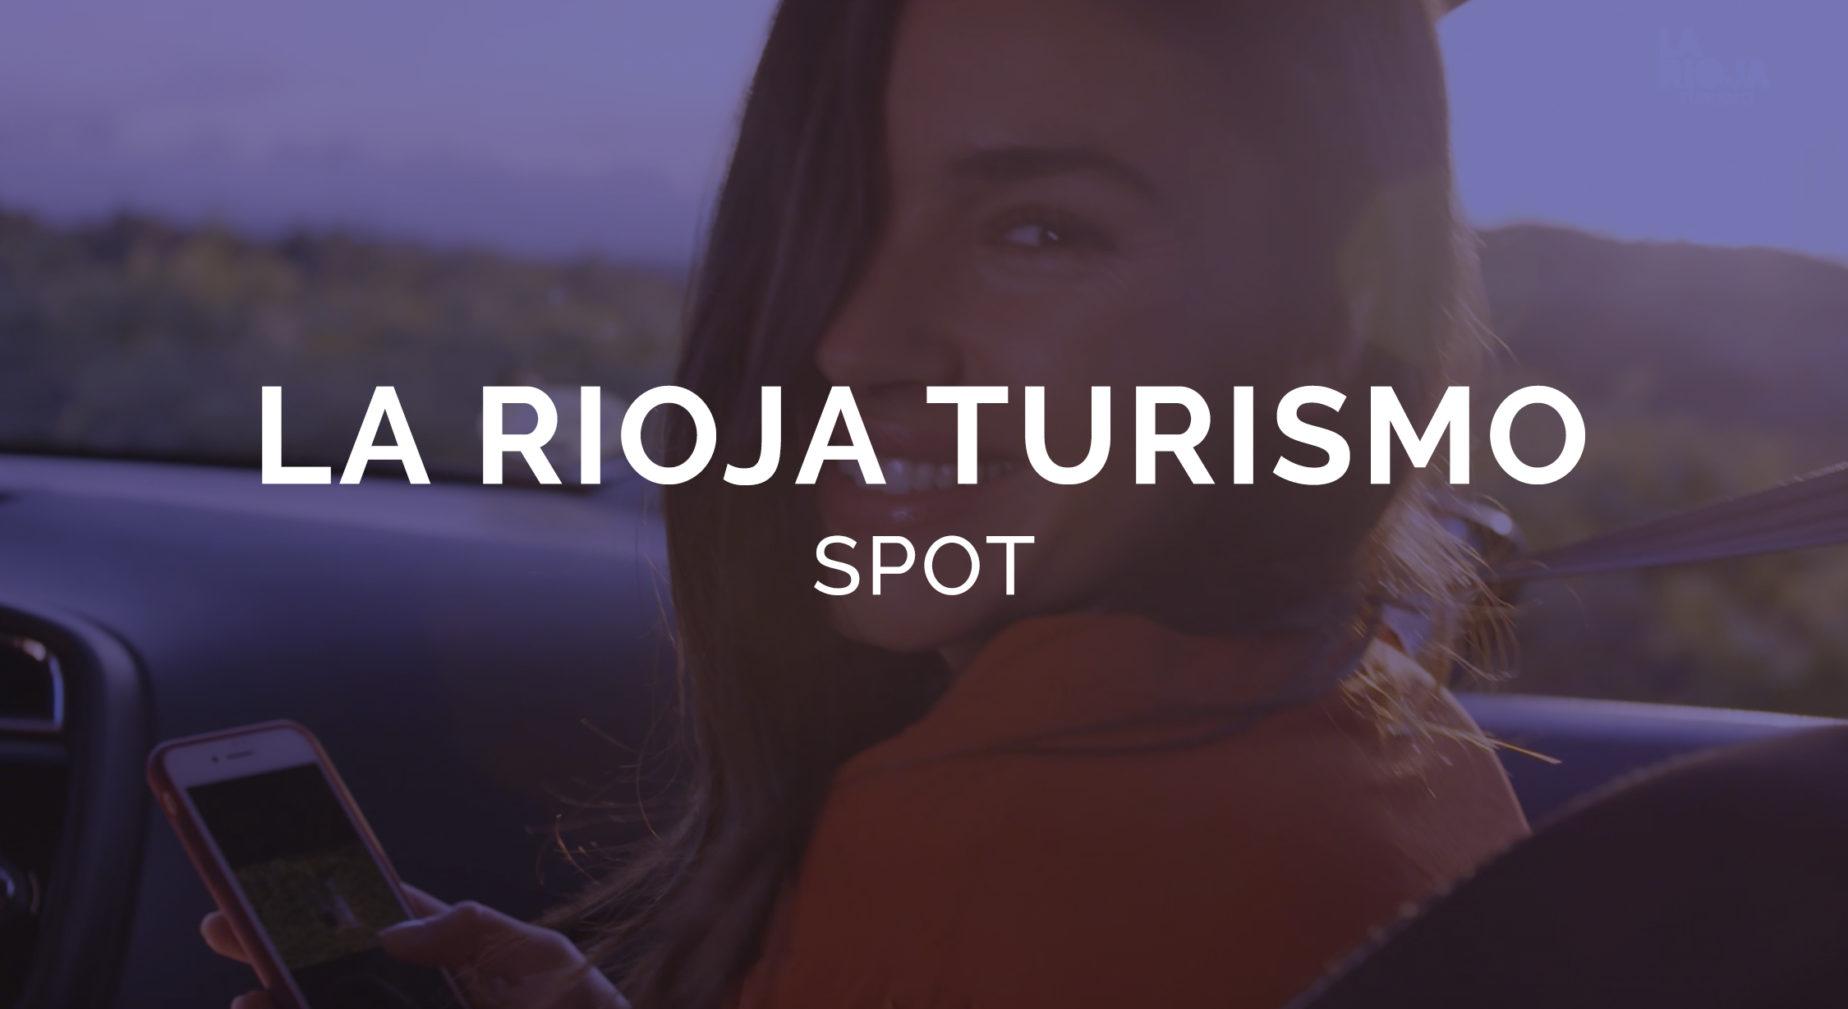 La Rioja Turismo spot 4